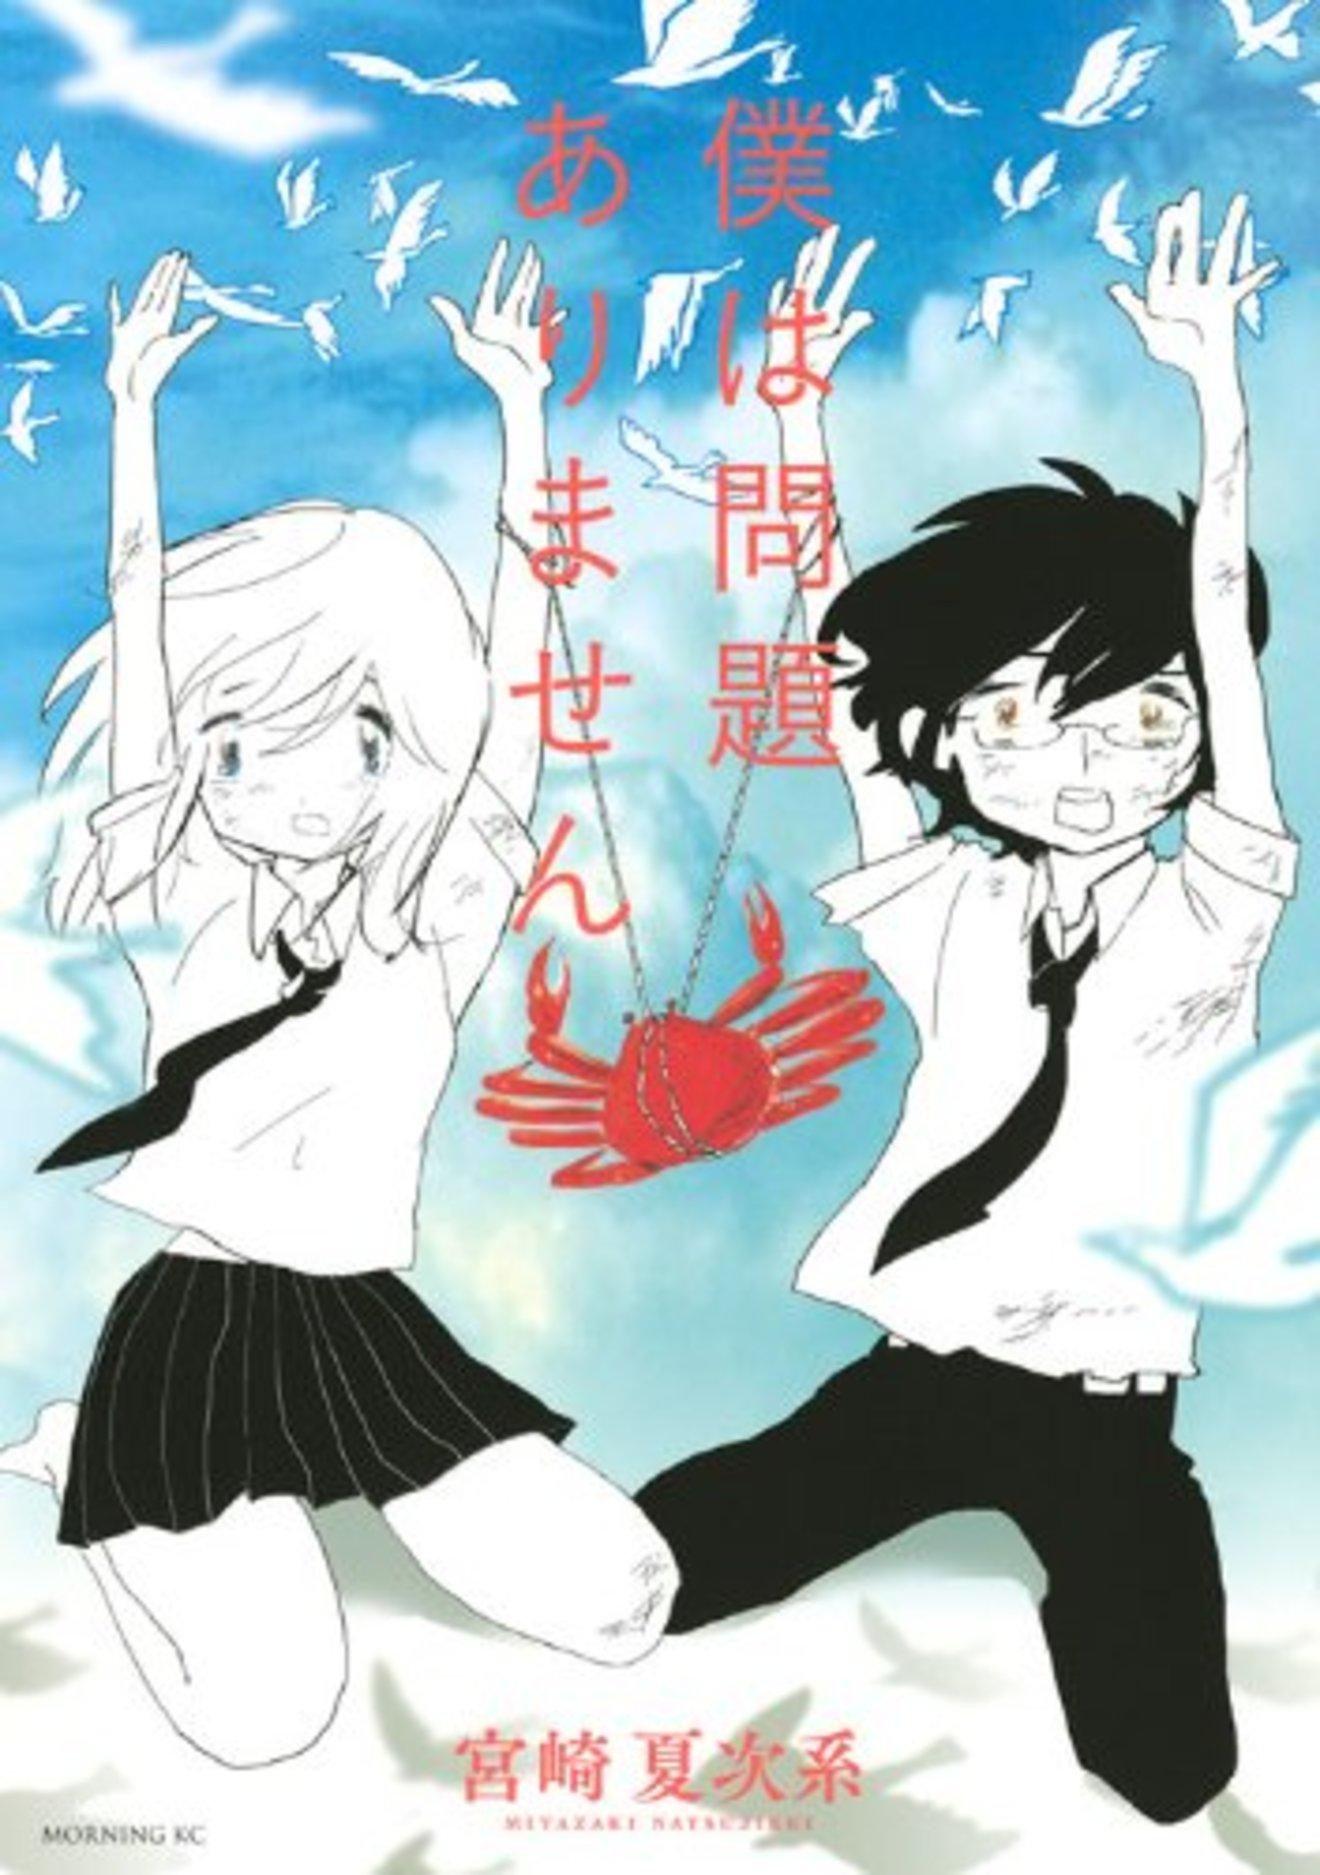 宮崎夏次系のおすすめ漫画4選!切なさをシュールな世界観で描く